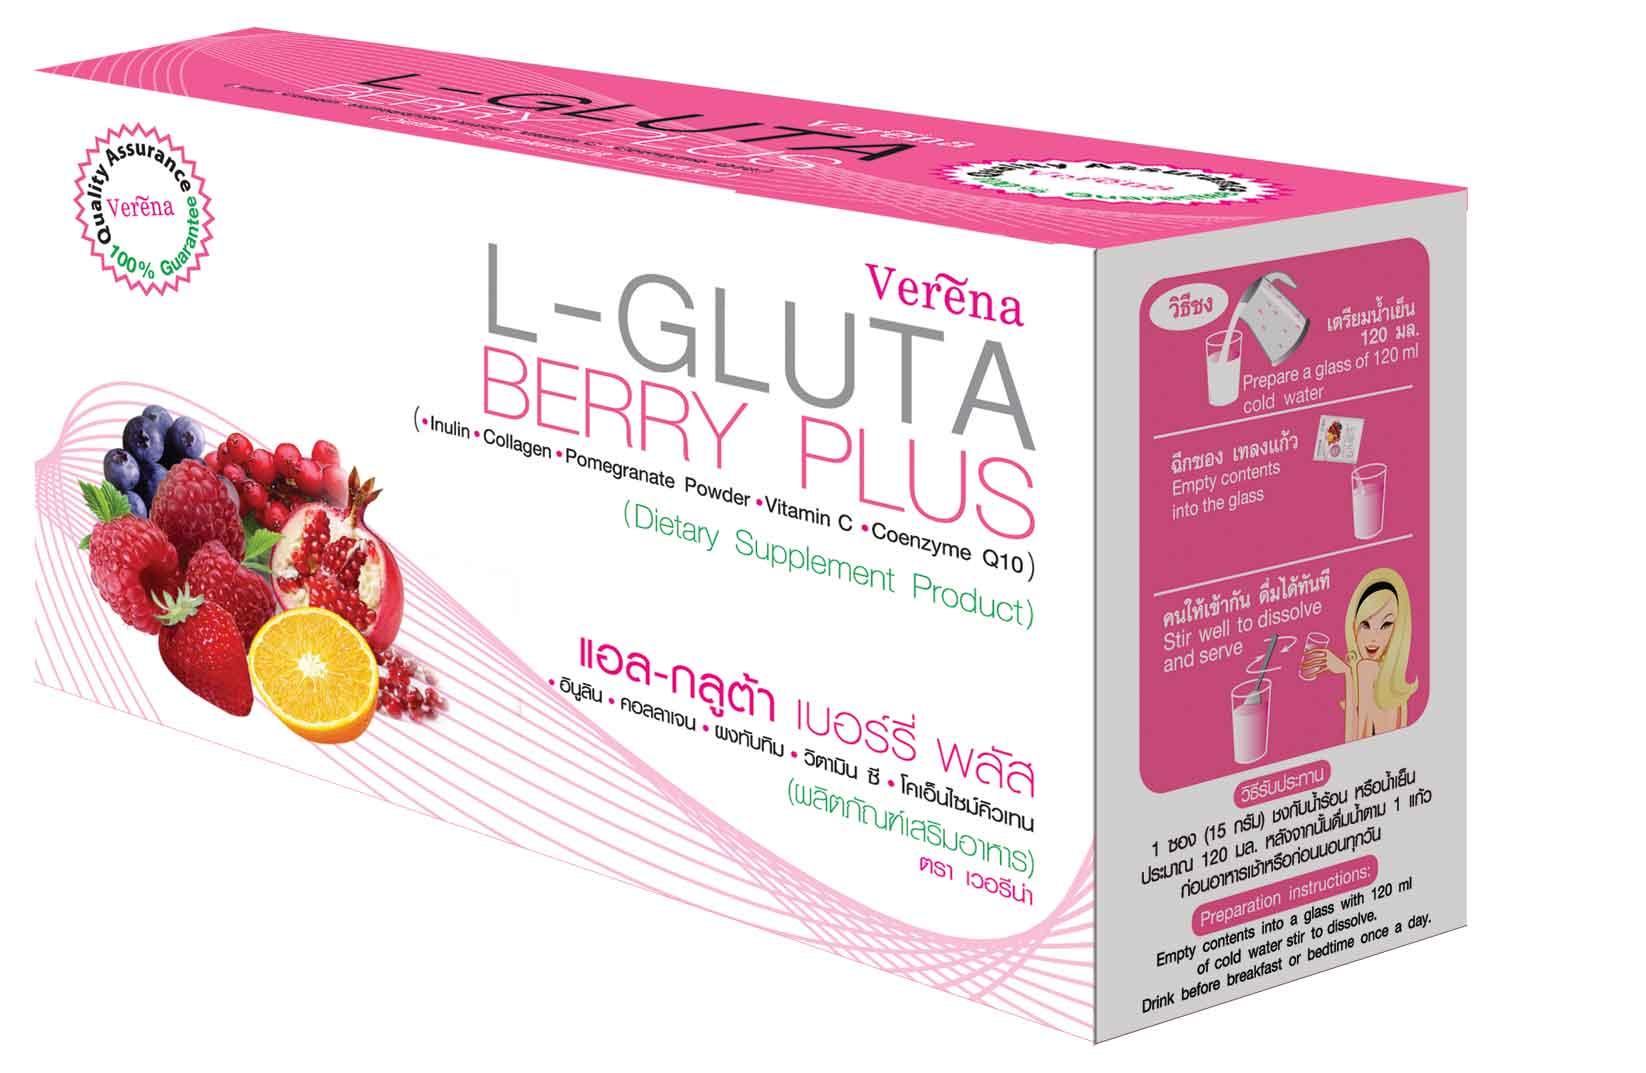 ผลิตภัณฑ์เสริมอาหาร L-gluta berry plus แอล-กลูต้า บรรจุ10 ซอง